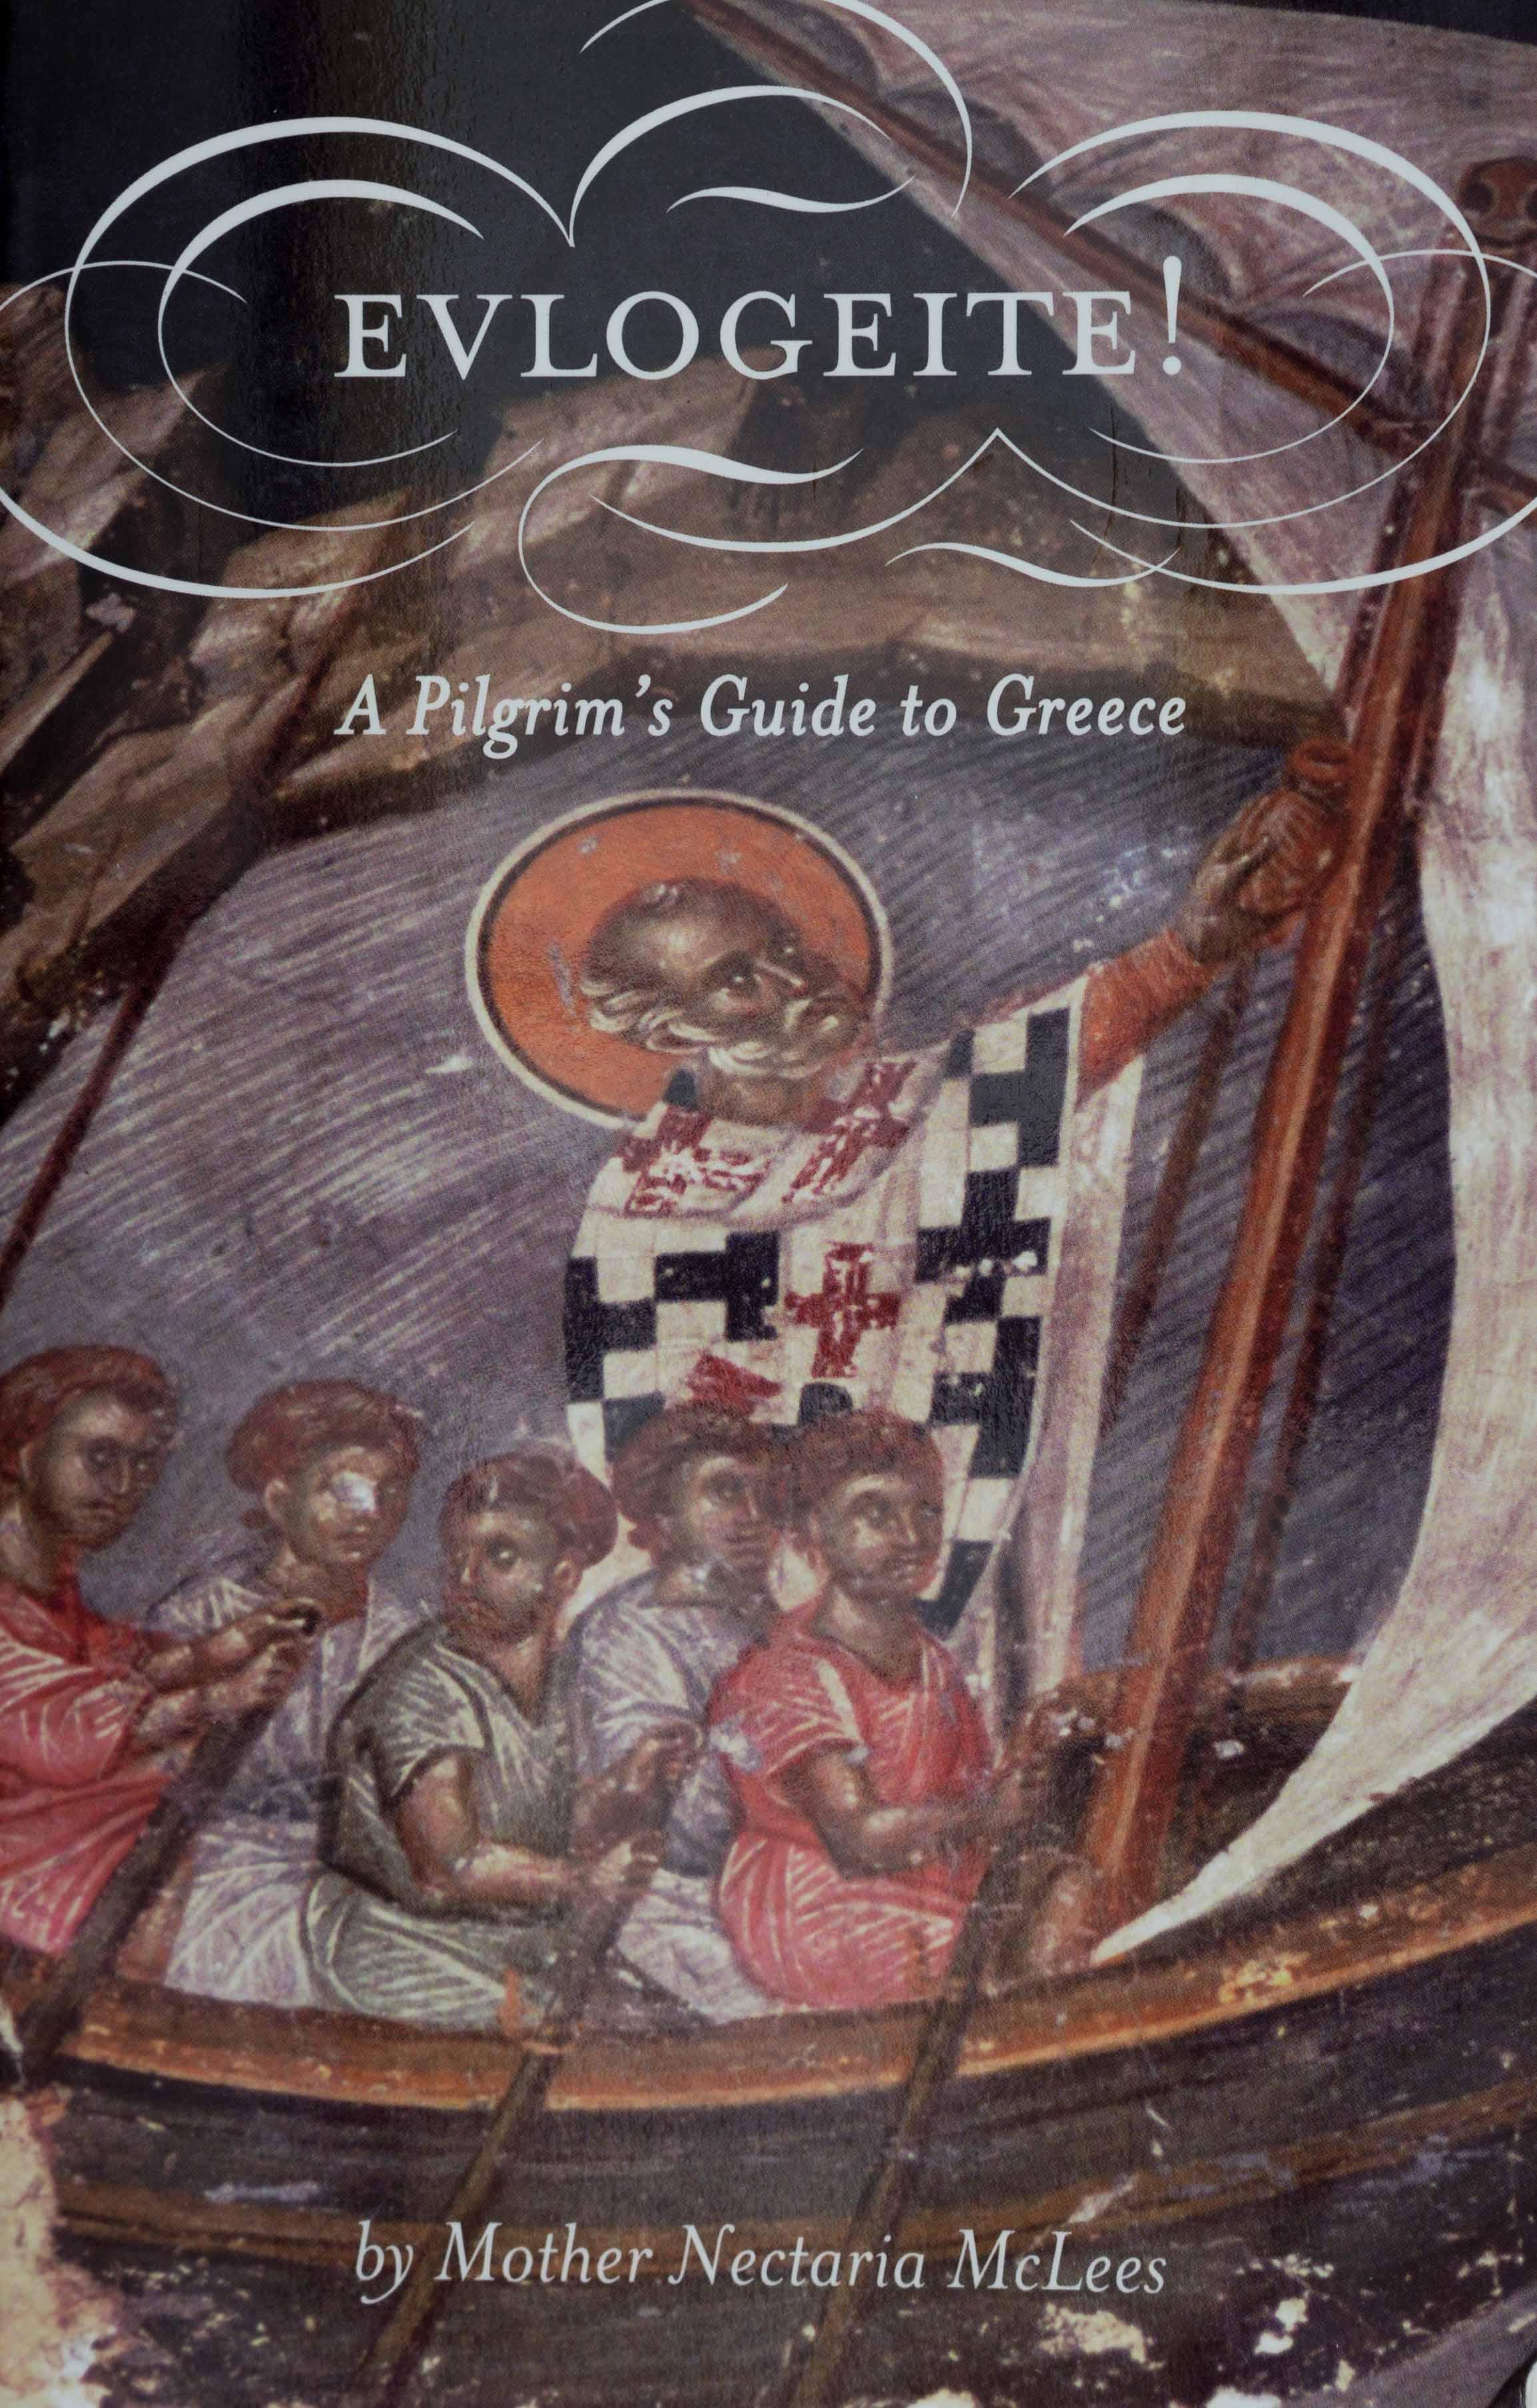 Evlogeite! A Pilgrim's Guide to Greece